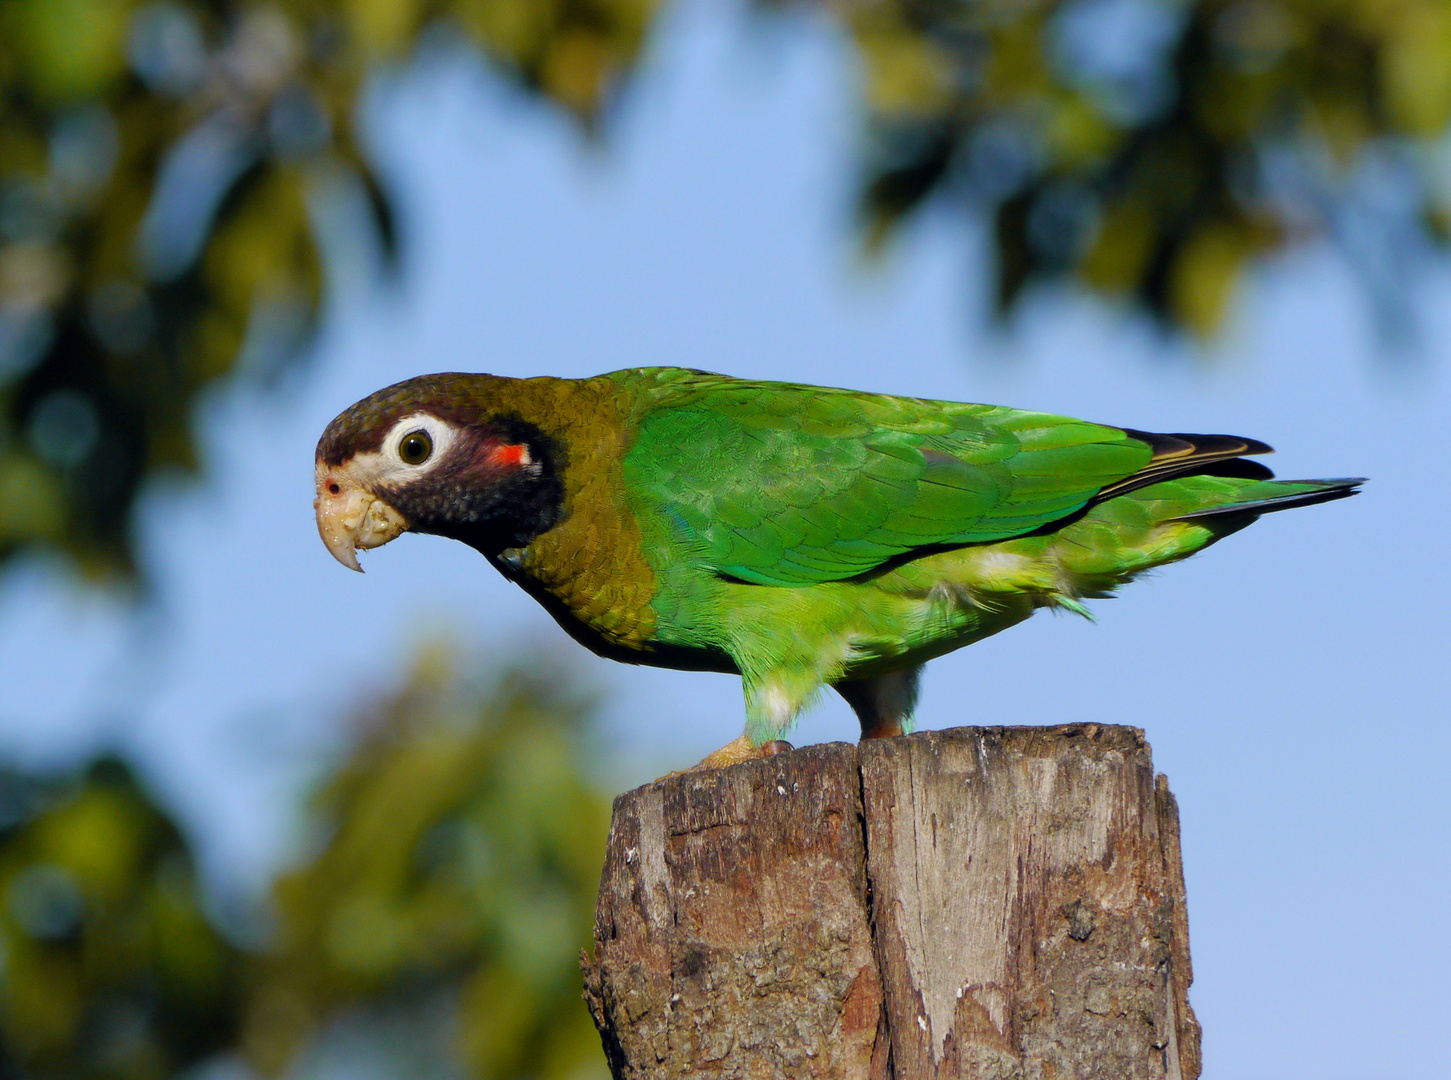 Rot - brauner Amazonenparrot